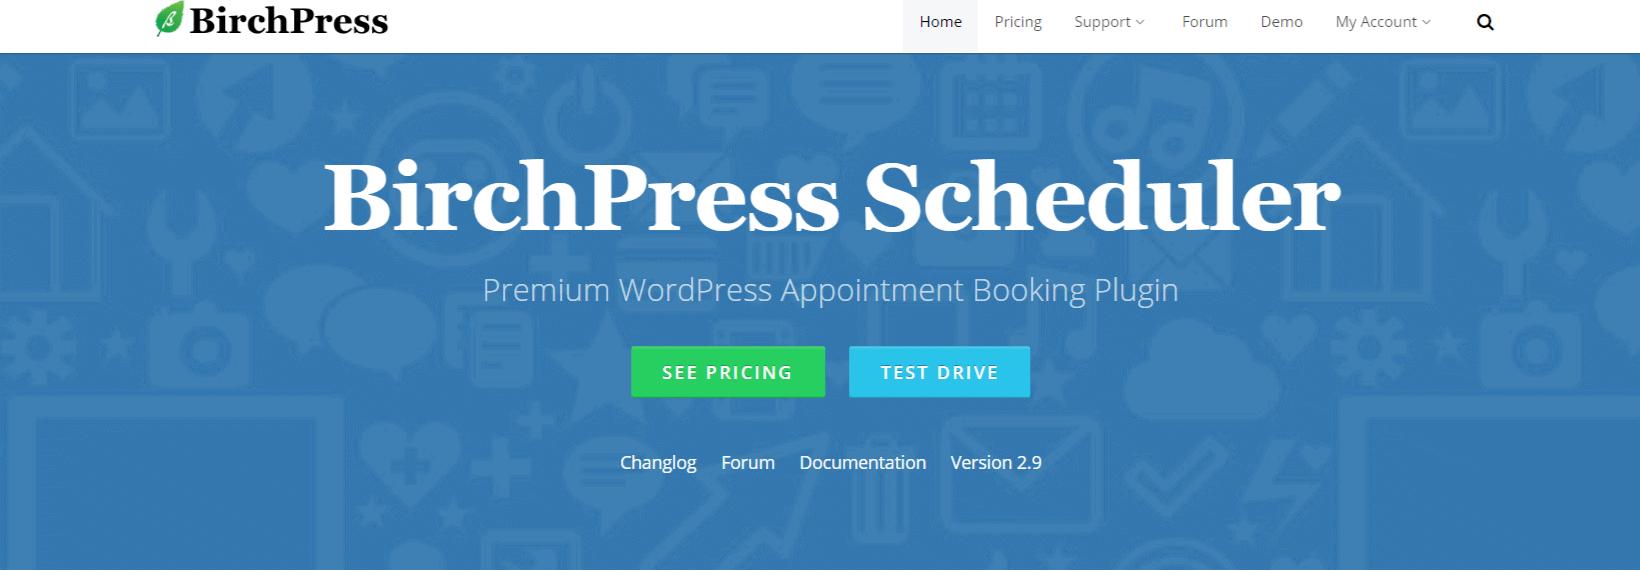 BirchPress Coupon Codes- The Best Scheduler